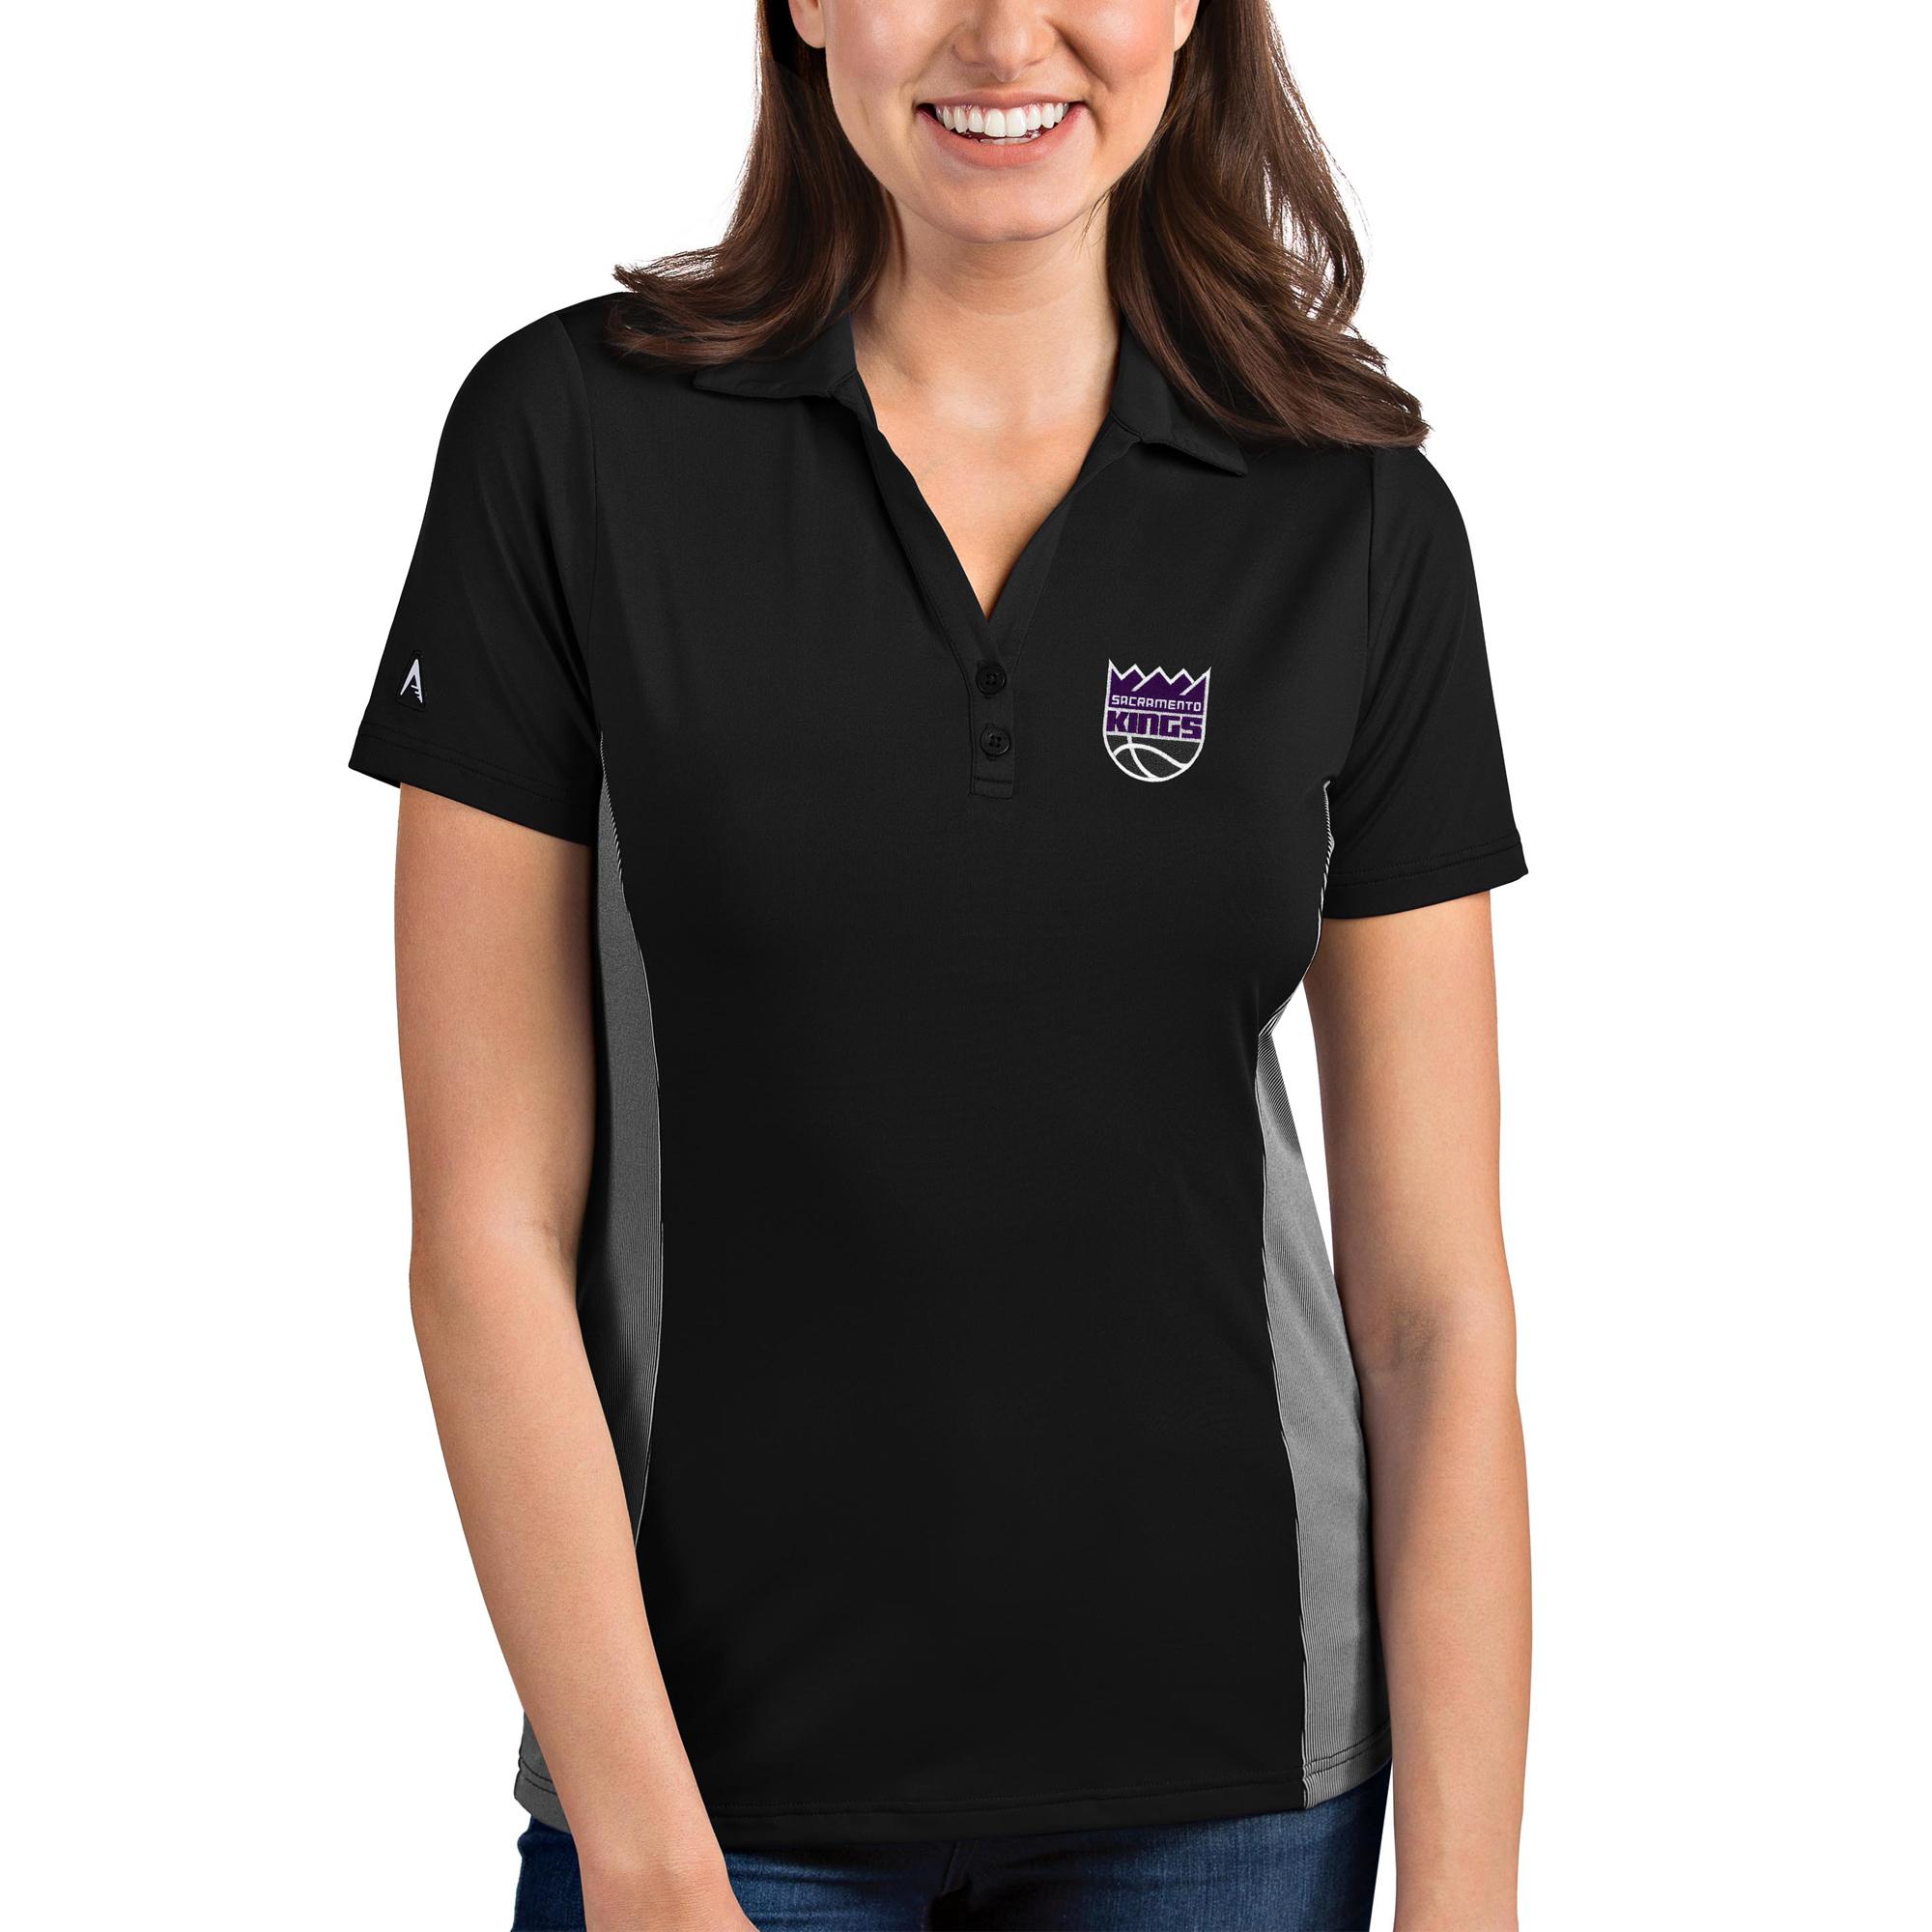 Sacramento Kings Antigua Women's Venture Polo - Black/White